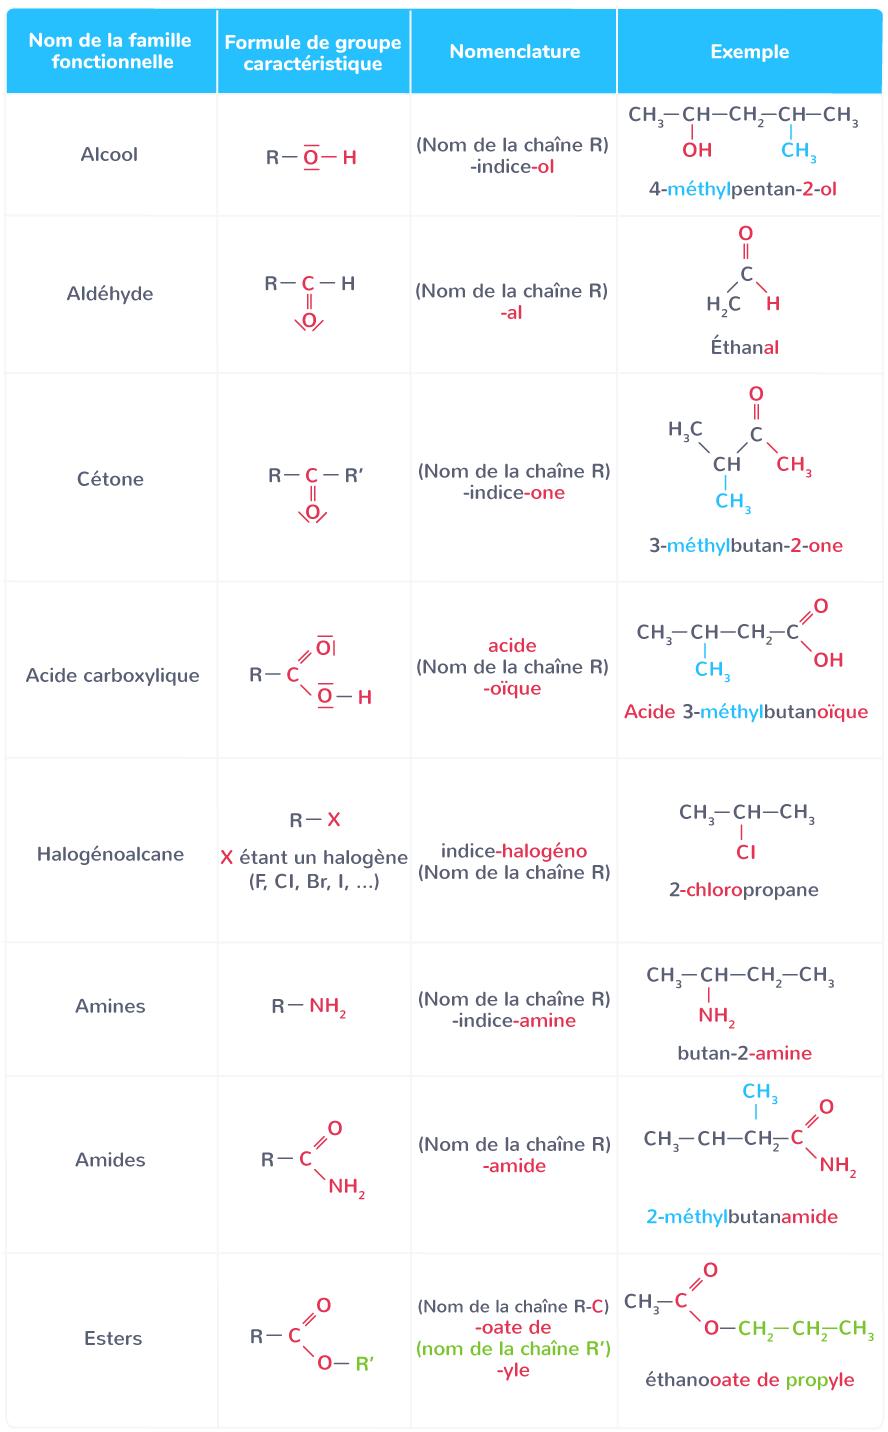 molécule possède groupe caractéristique appartient famille fonctionnelle